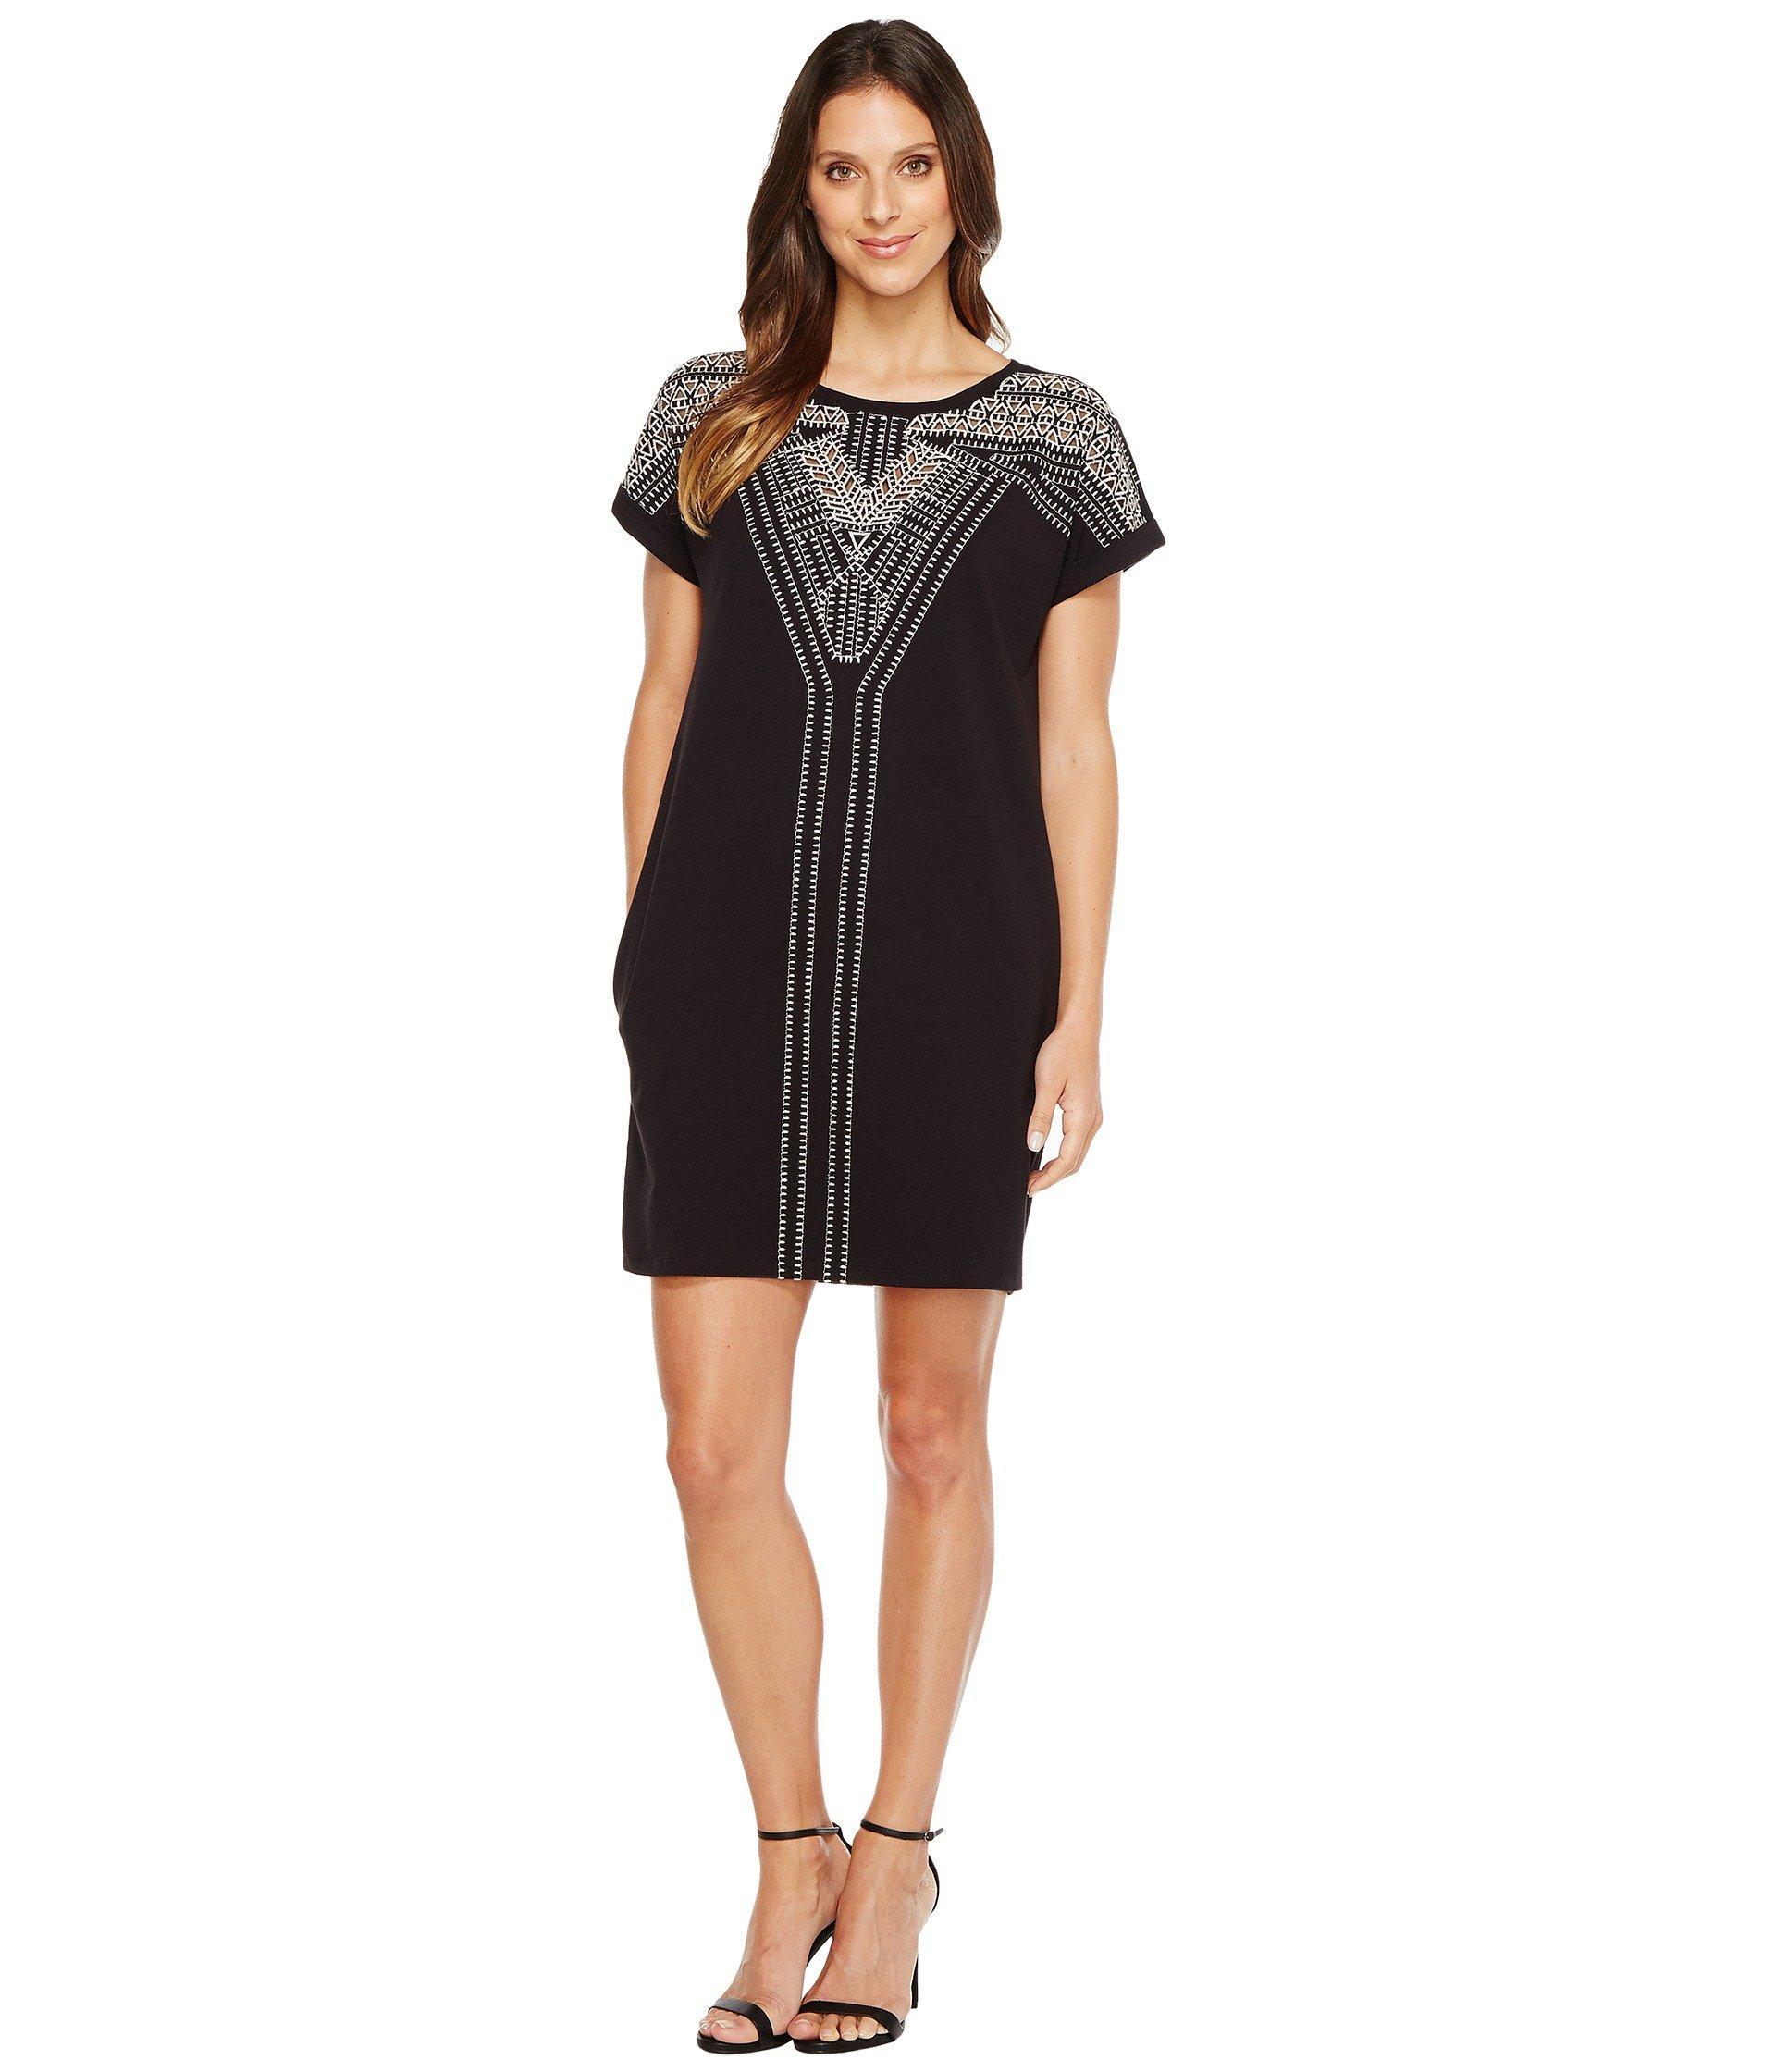 Onyx Night Plus Size Dresses | Saddha